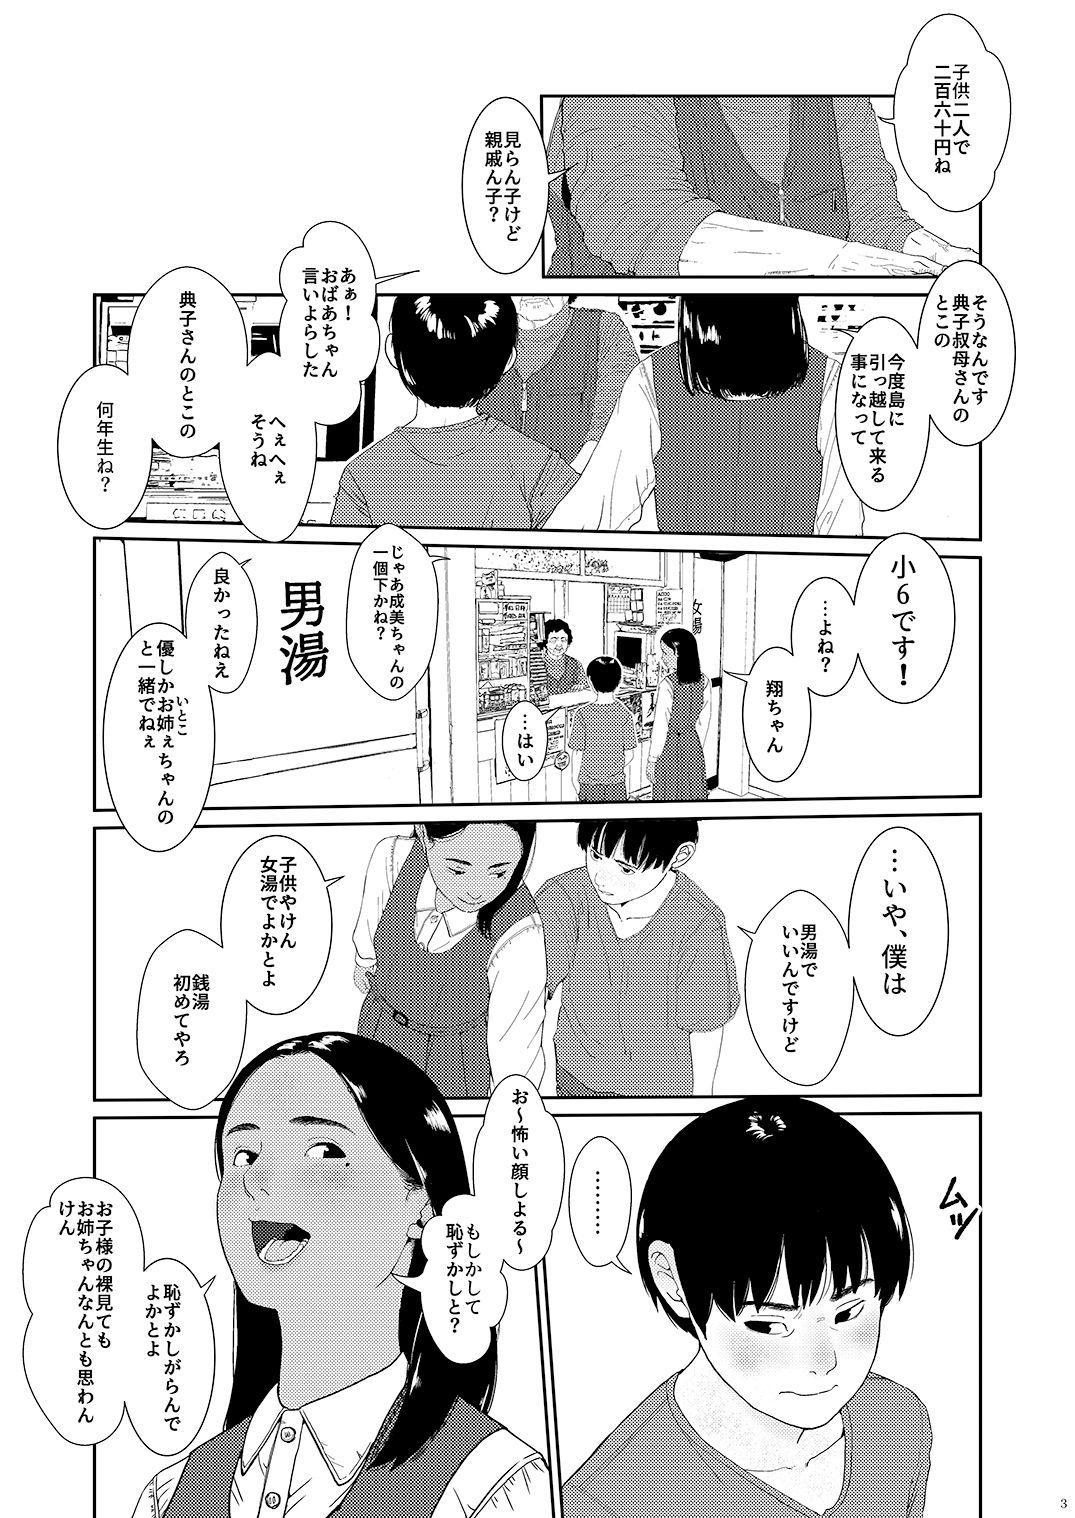 Sore wa Nante Seishun 0.5 1